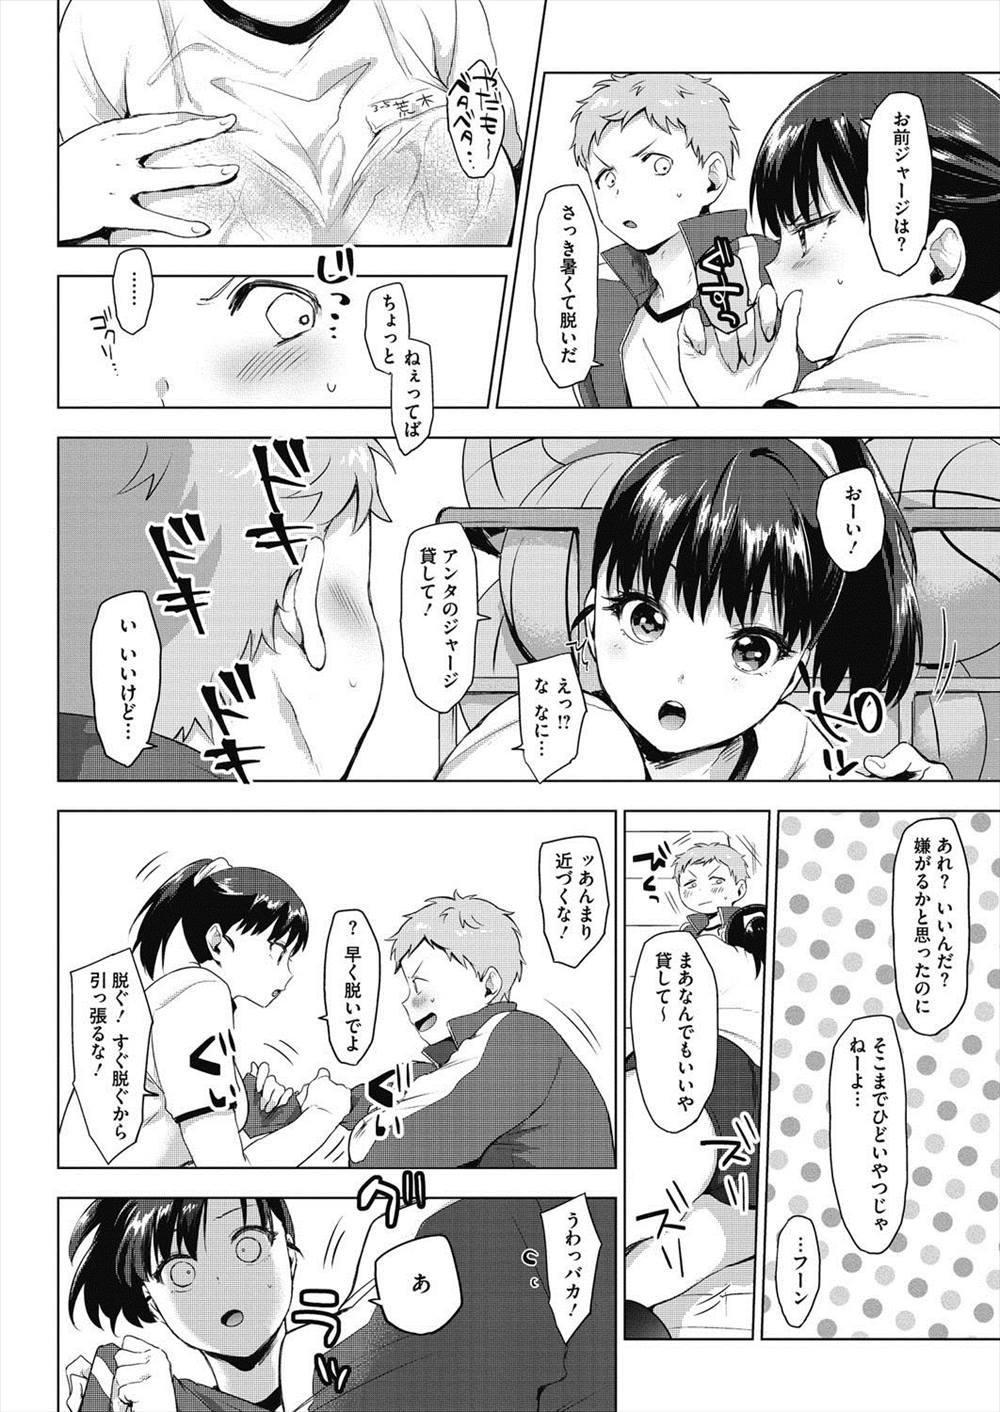 【エロ漫画】密室でブルマJKと二人きり…男子生徒とずらしハメ生挿入中出しいちゃww【うえかん:密室わくわく事件】